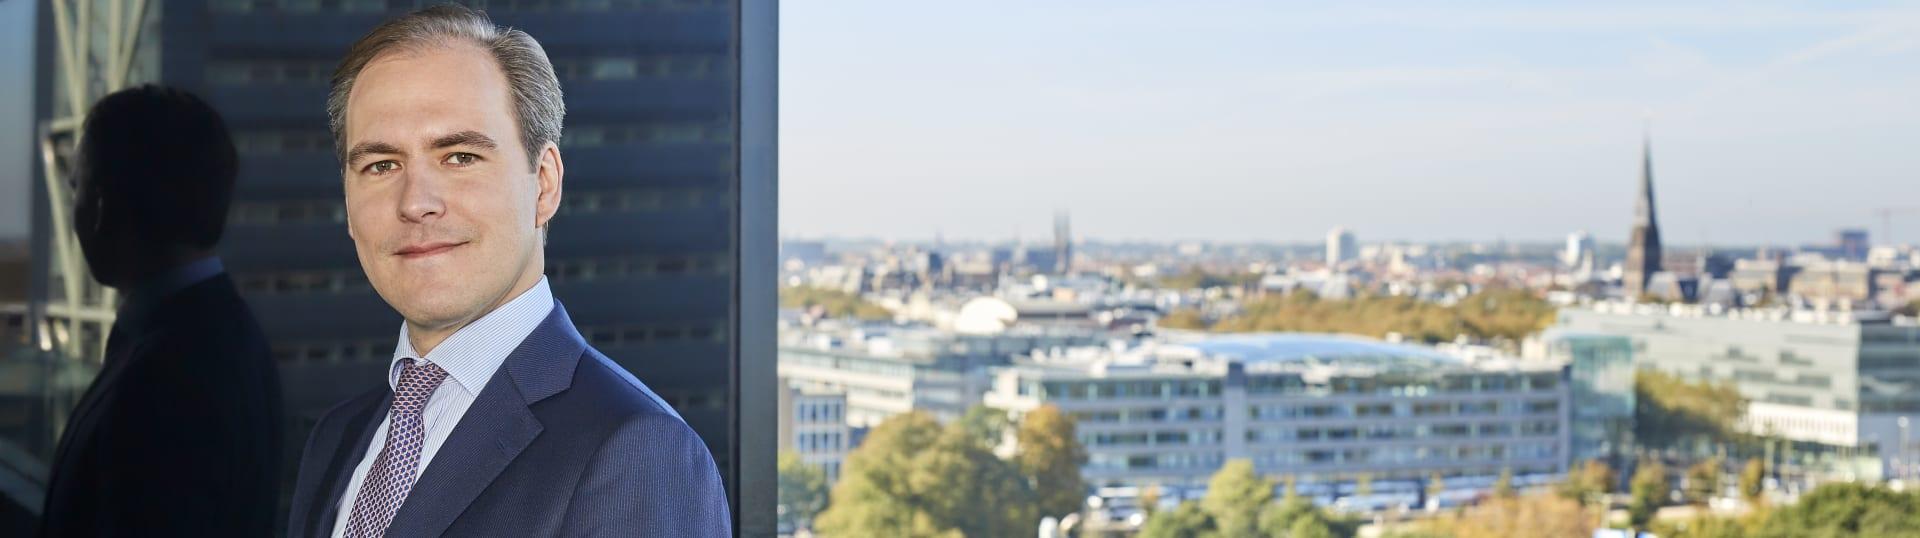 Roelof Reinders, advocaat Pels Rijcken